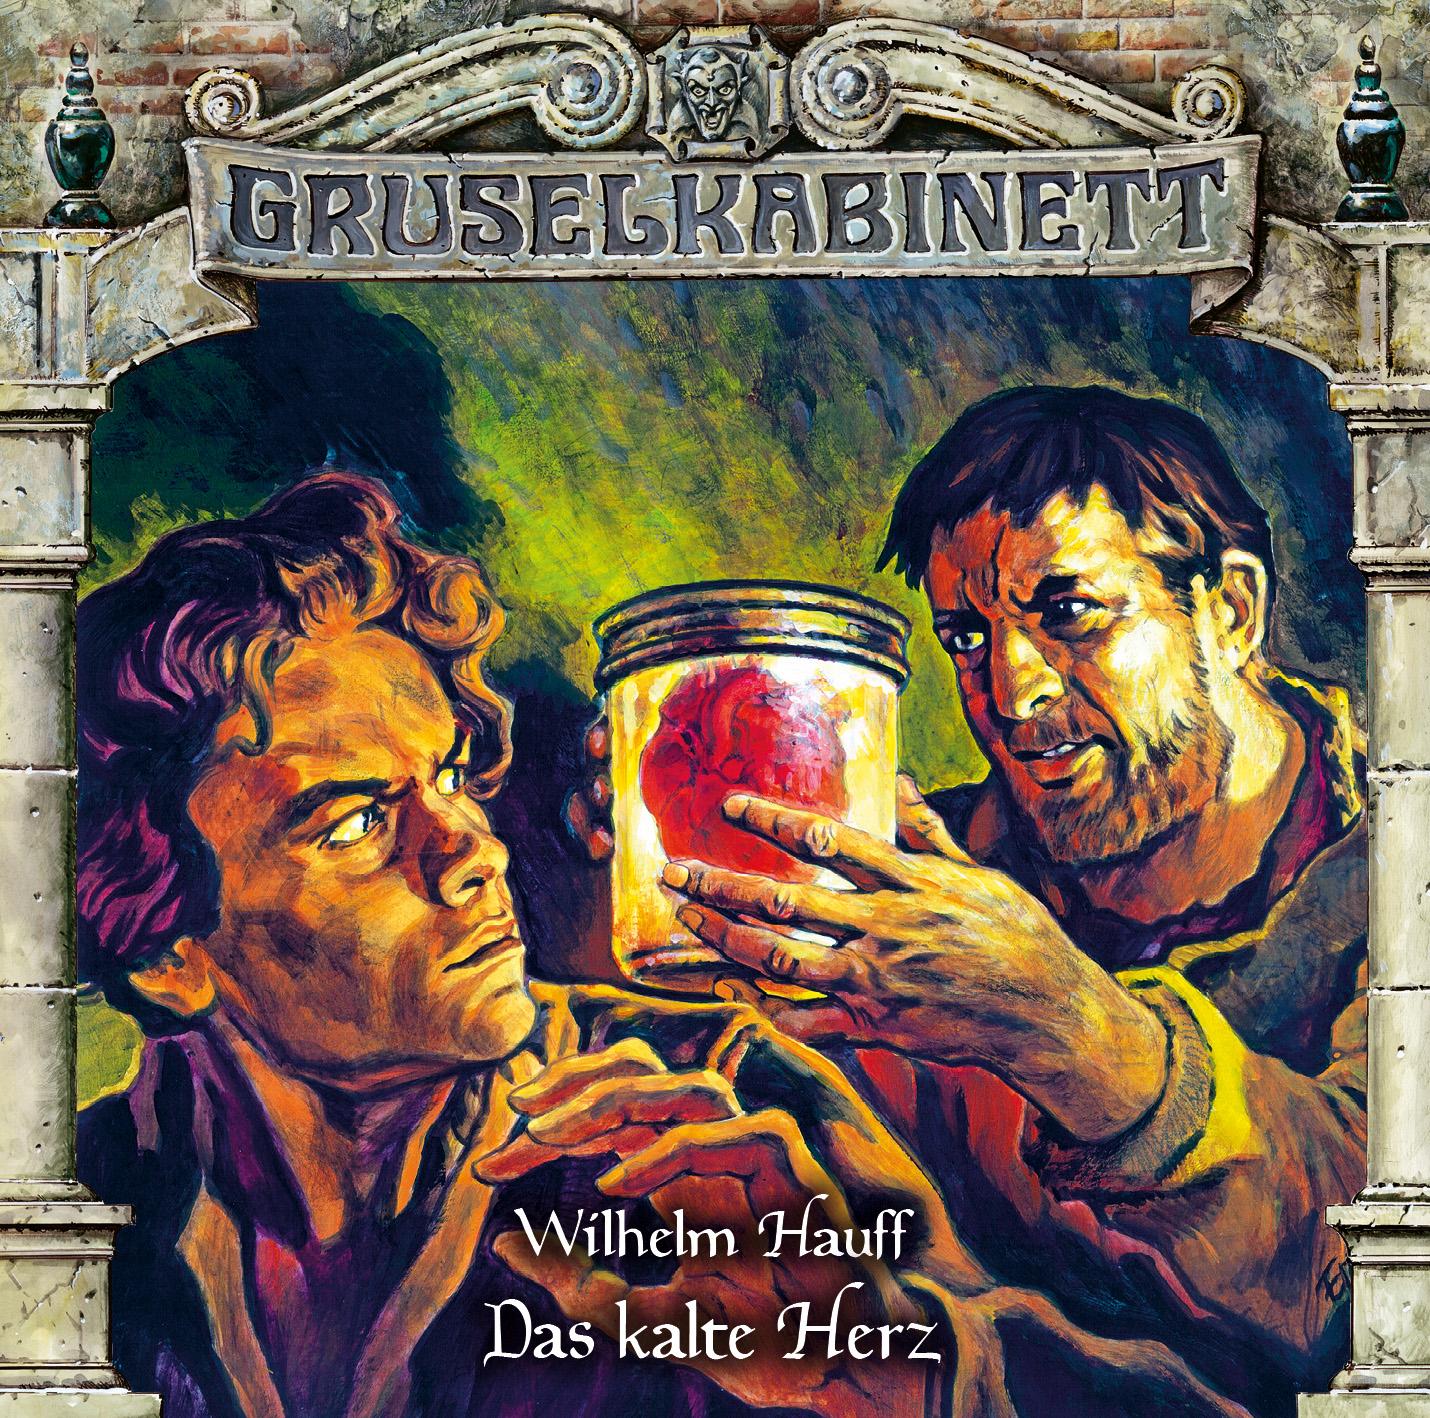 Gruselkabinett - Das kalte Herz (Album Cover)